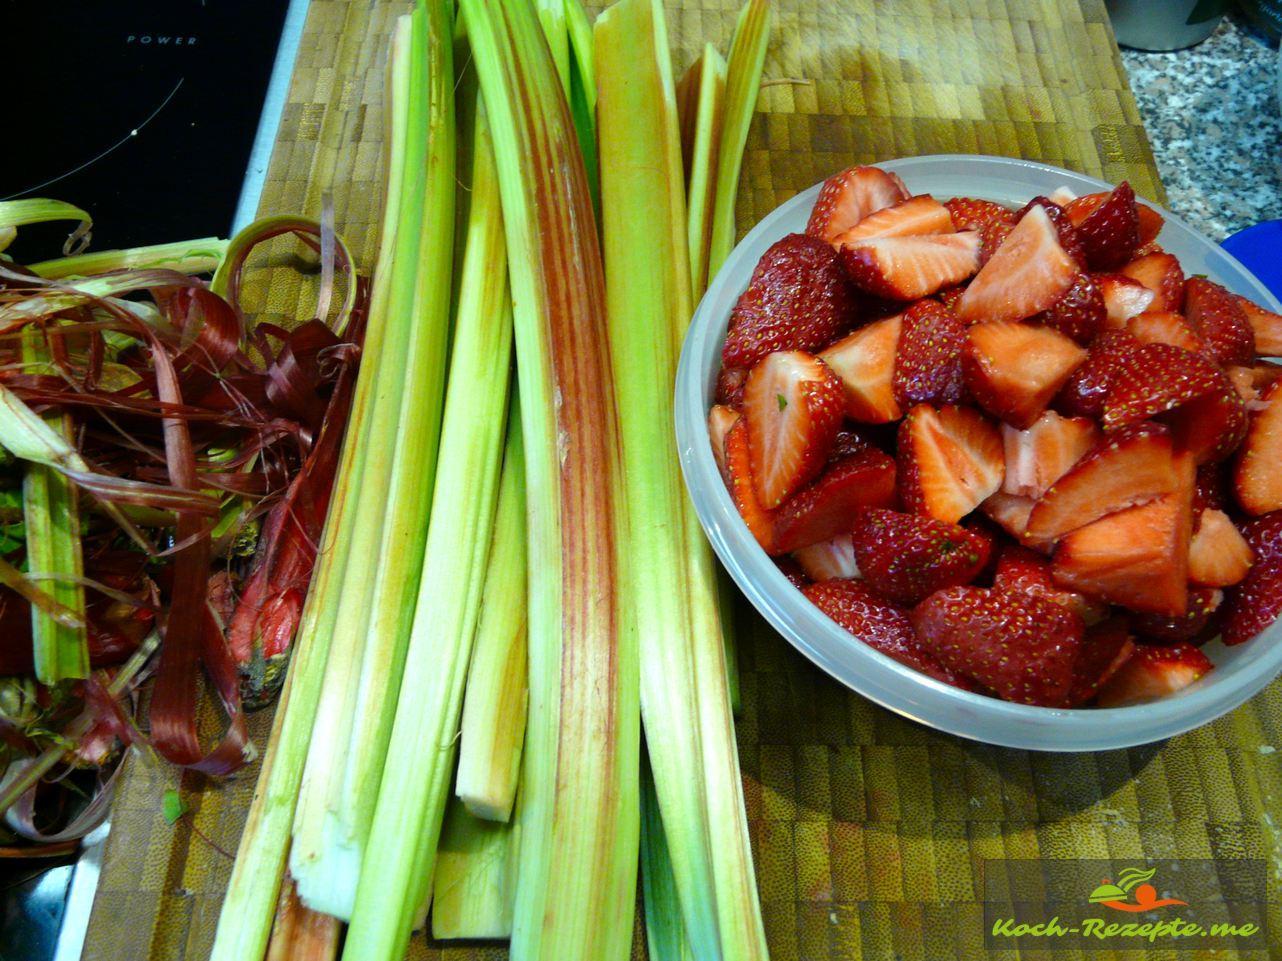 Zutaten: Rhabarber und Erdbeeren für den Low Carb Rhabarber-Erdbeer Kuchen